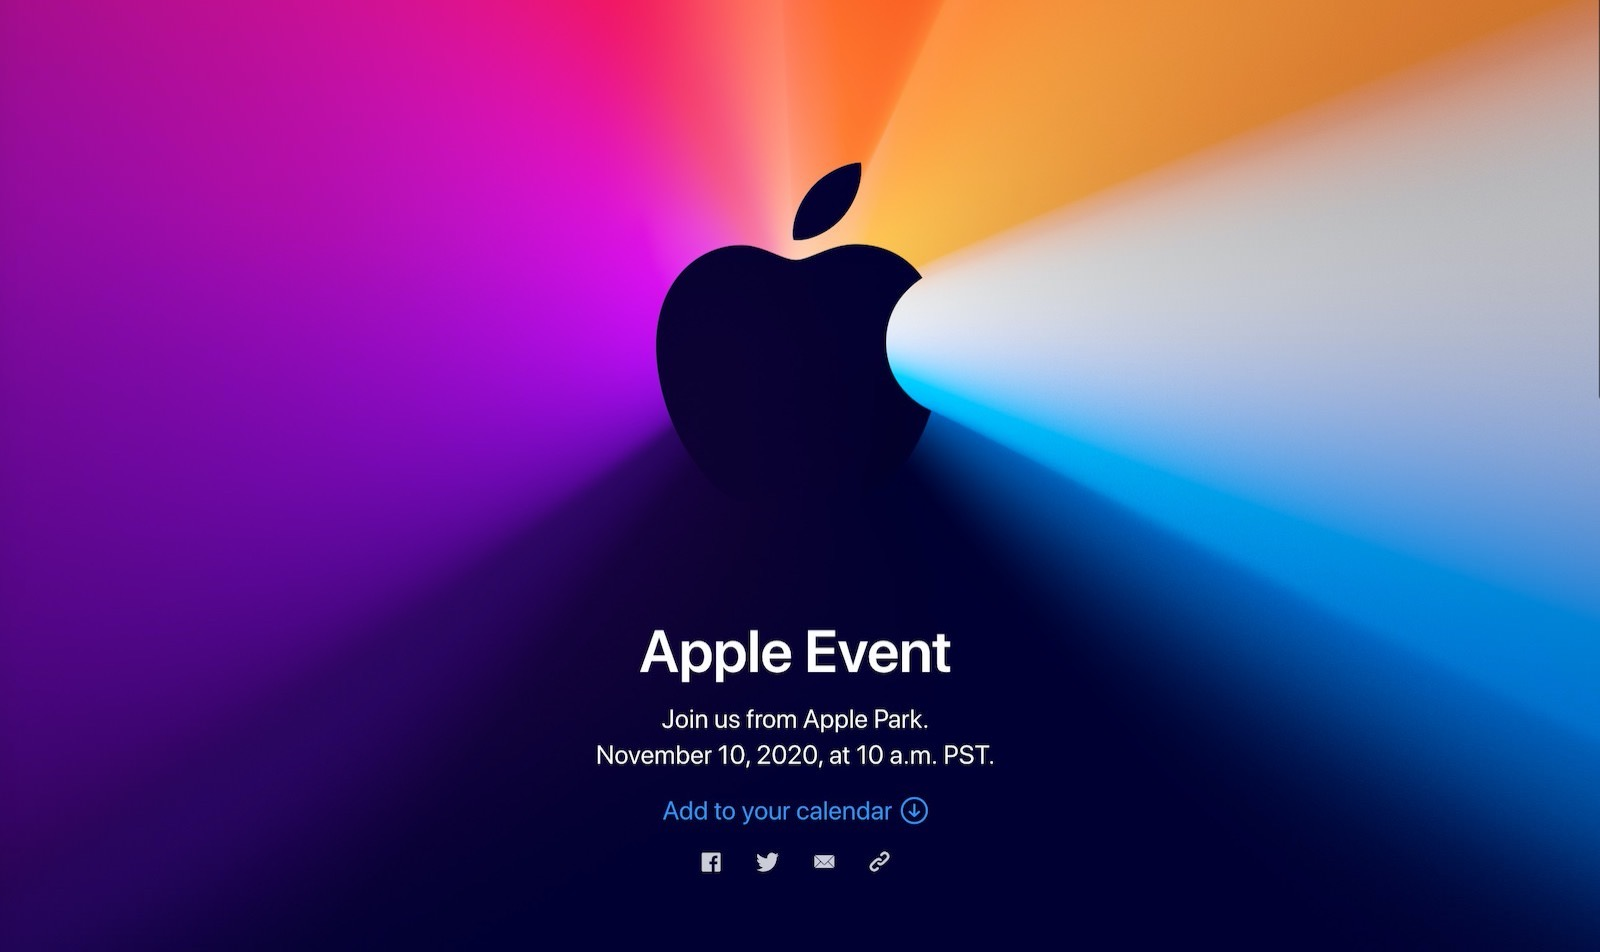 Apple Silicon Mac event